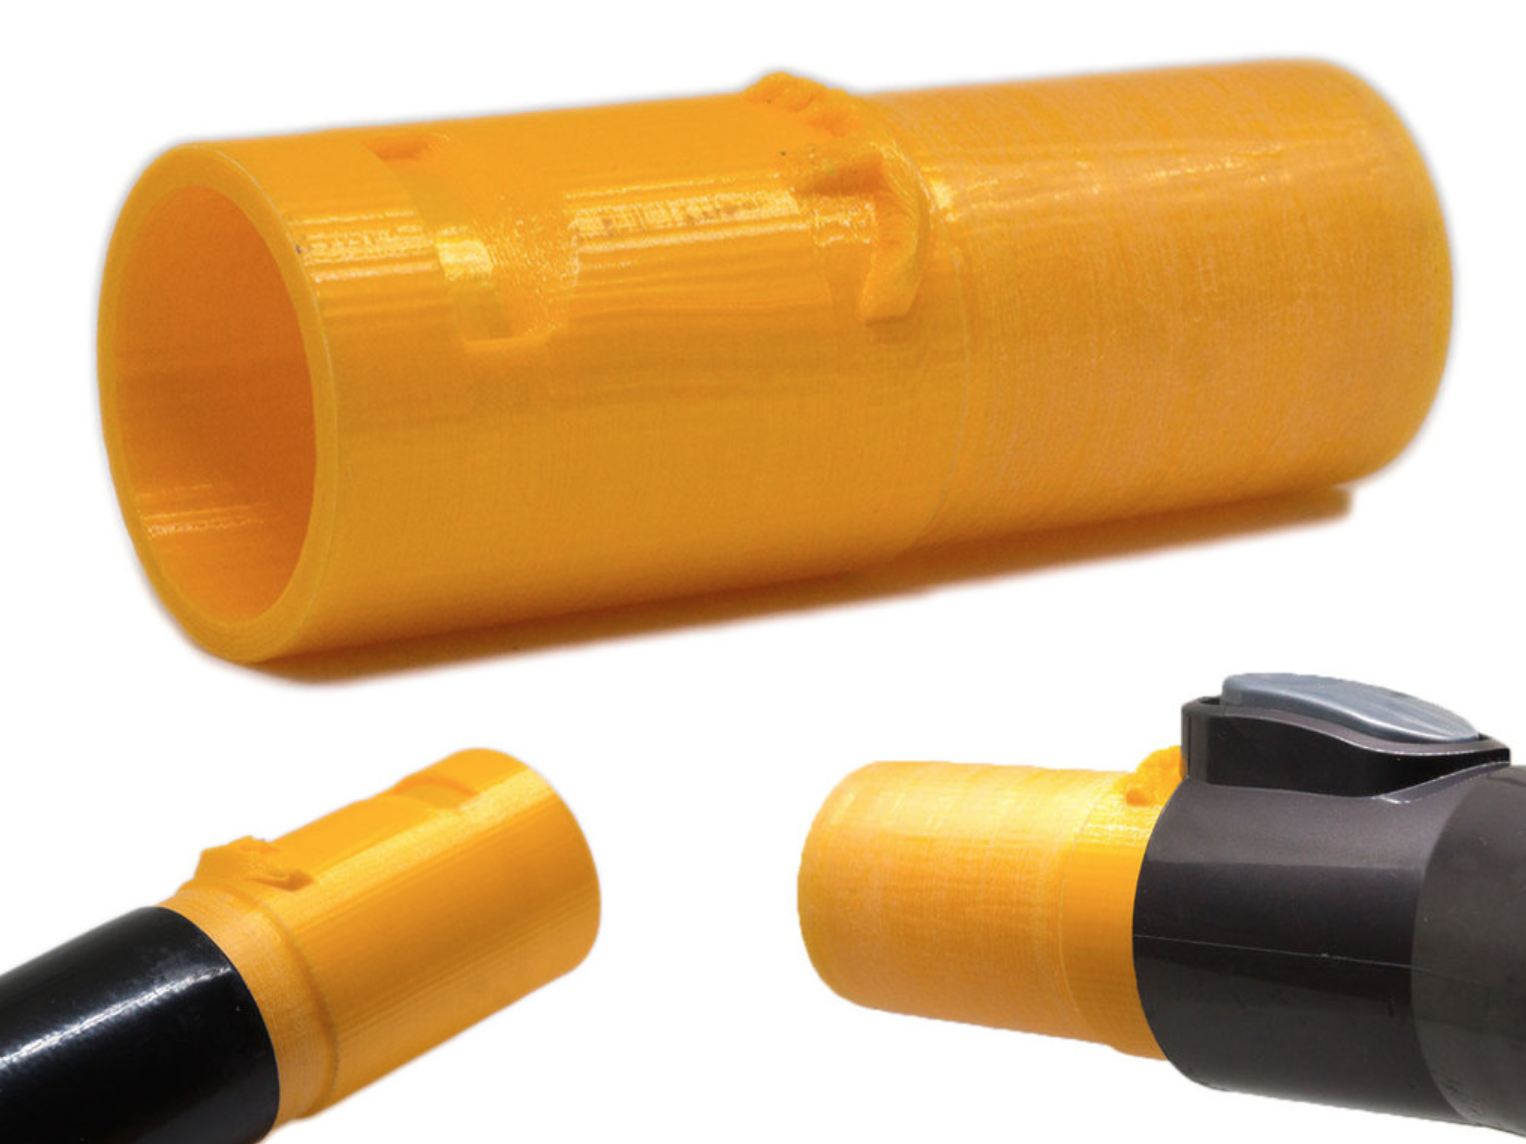 Capture d'écran 2017-10-31 à 15.31.36.png Download free STL file Dyson DC to Kärcher Vacuumcleaner Nozzle Adapter • 3D printing design, ewap